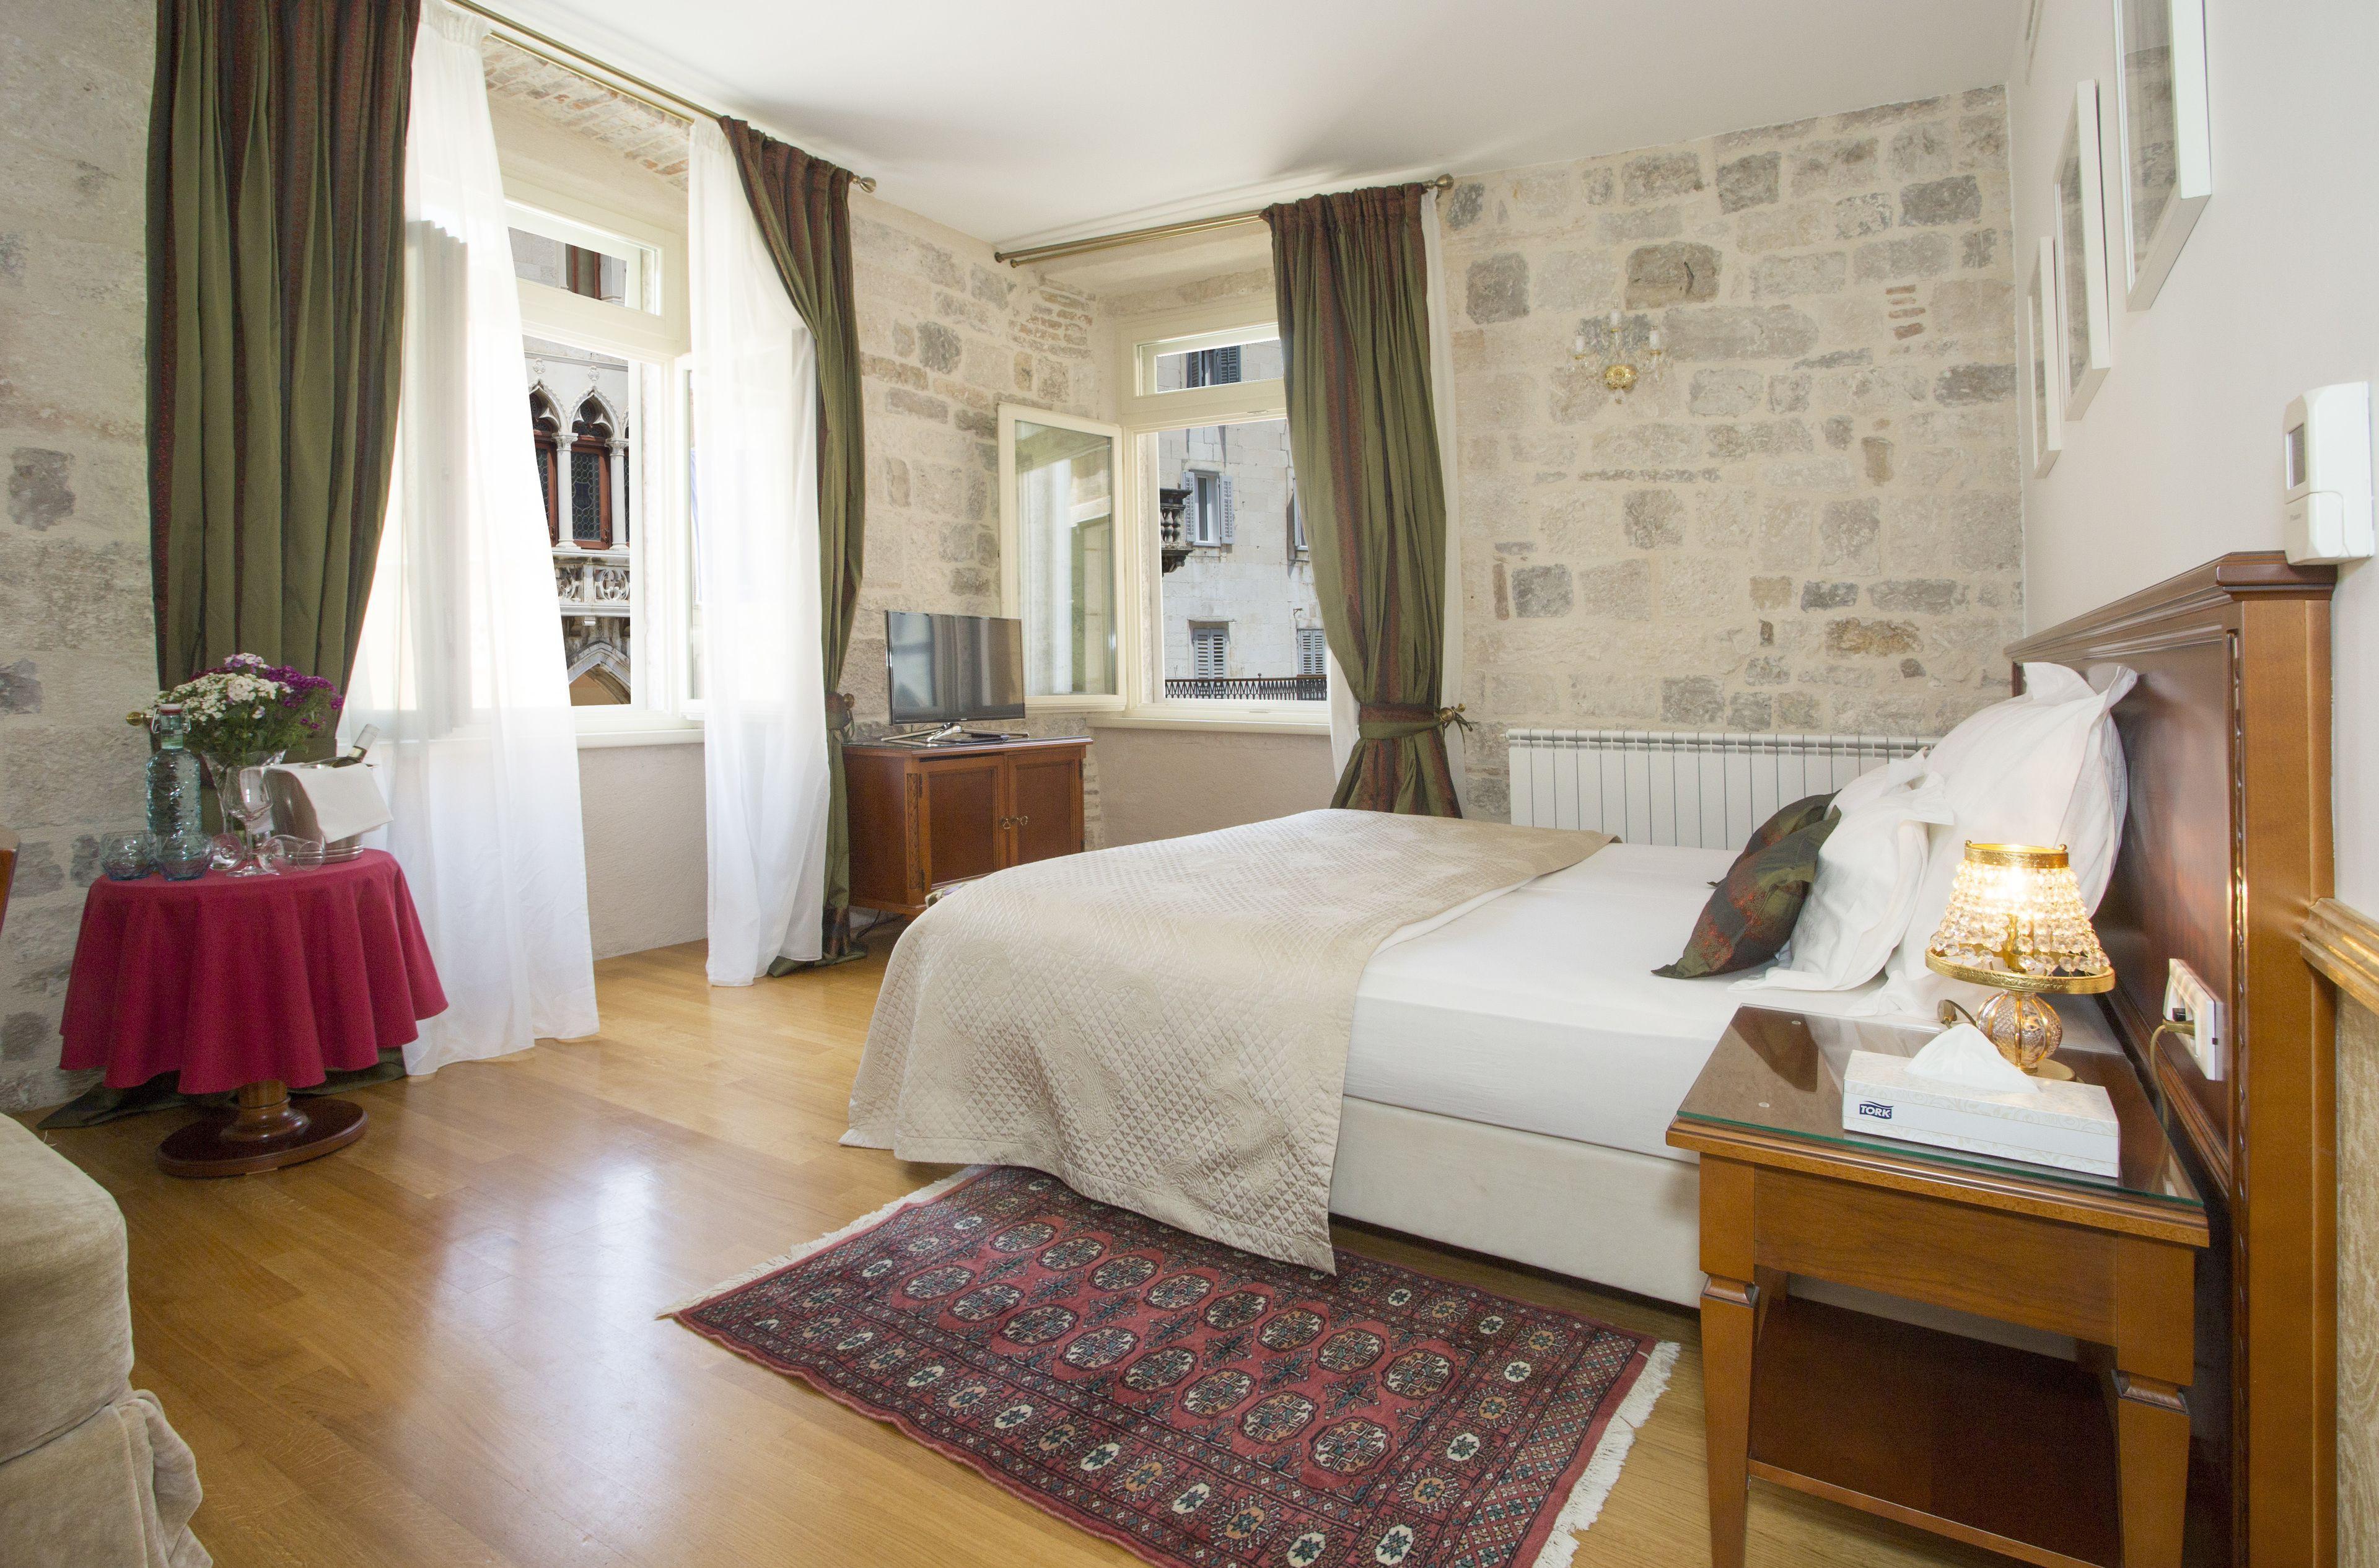 Courtesy of Palace Judita Heritage Hotel / Expedia